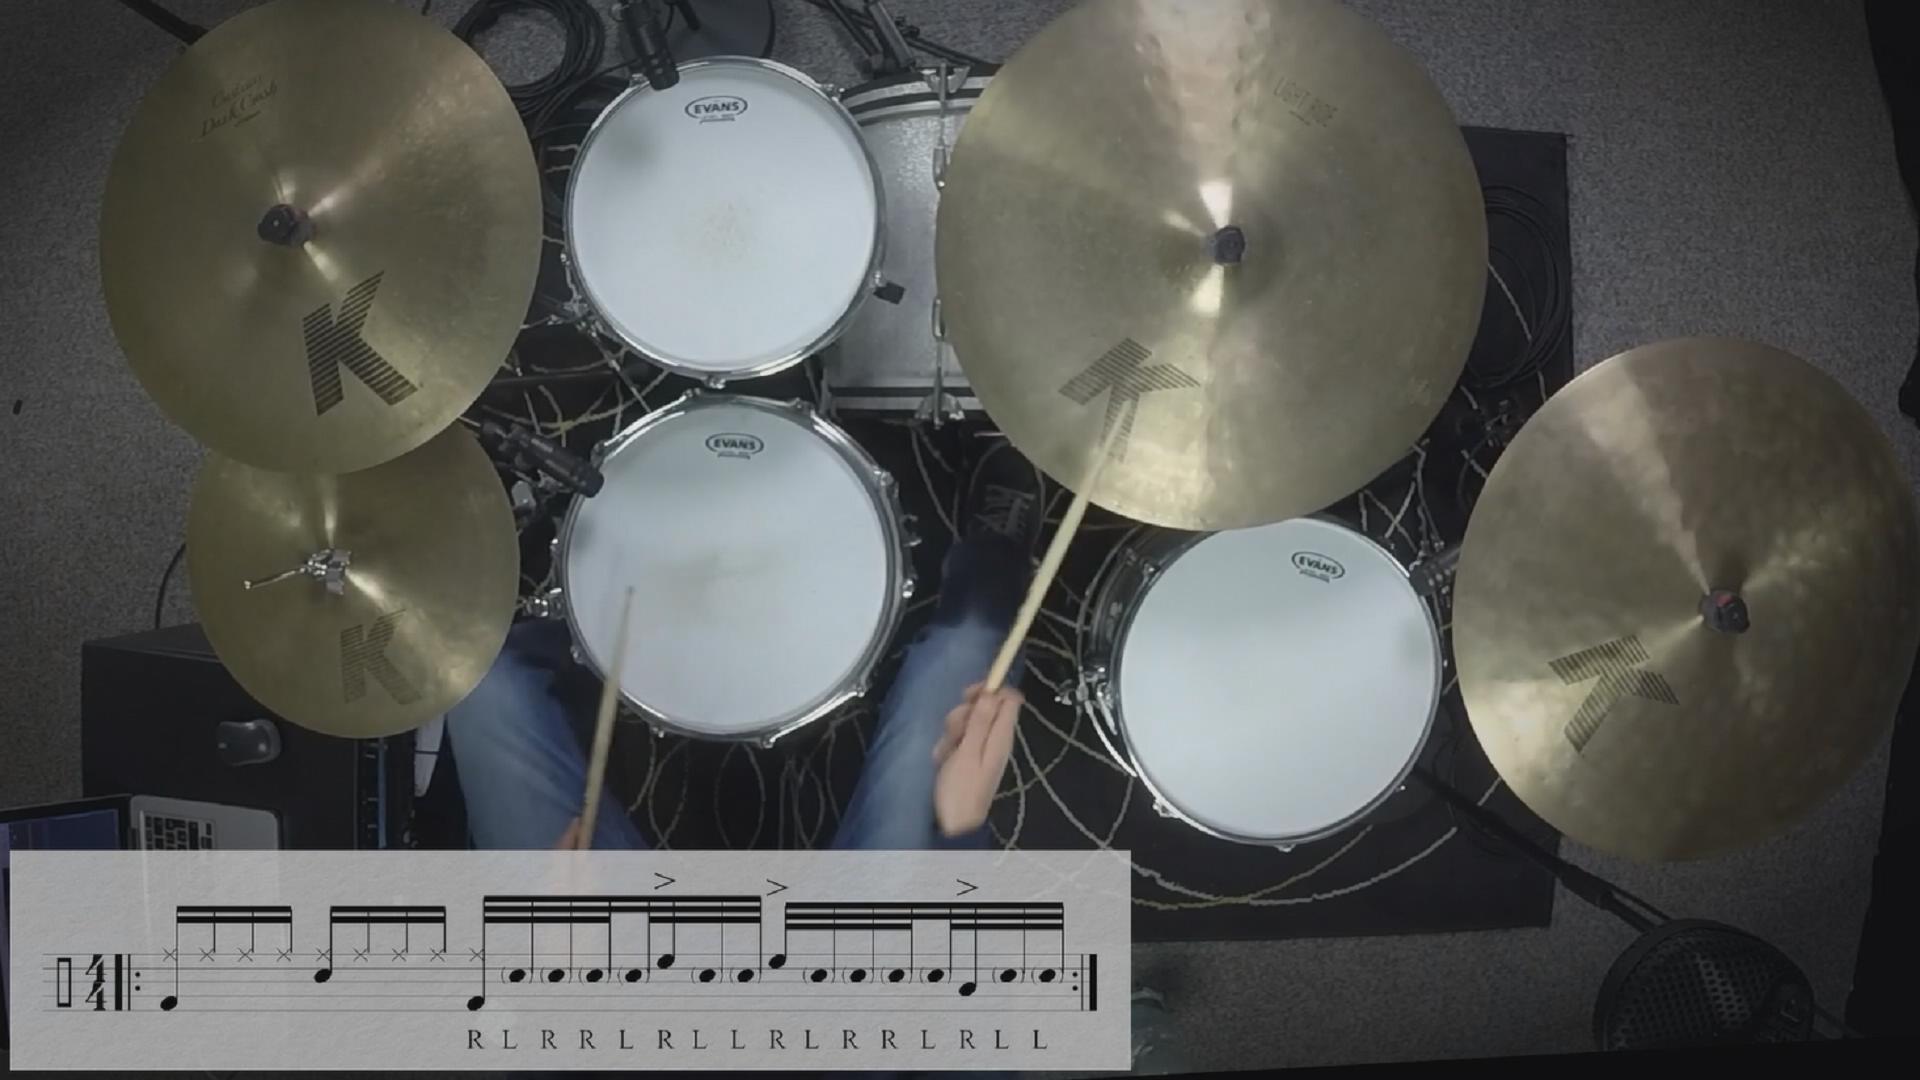 32分音符复合跳填充练习视频(含高清鼓谱)